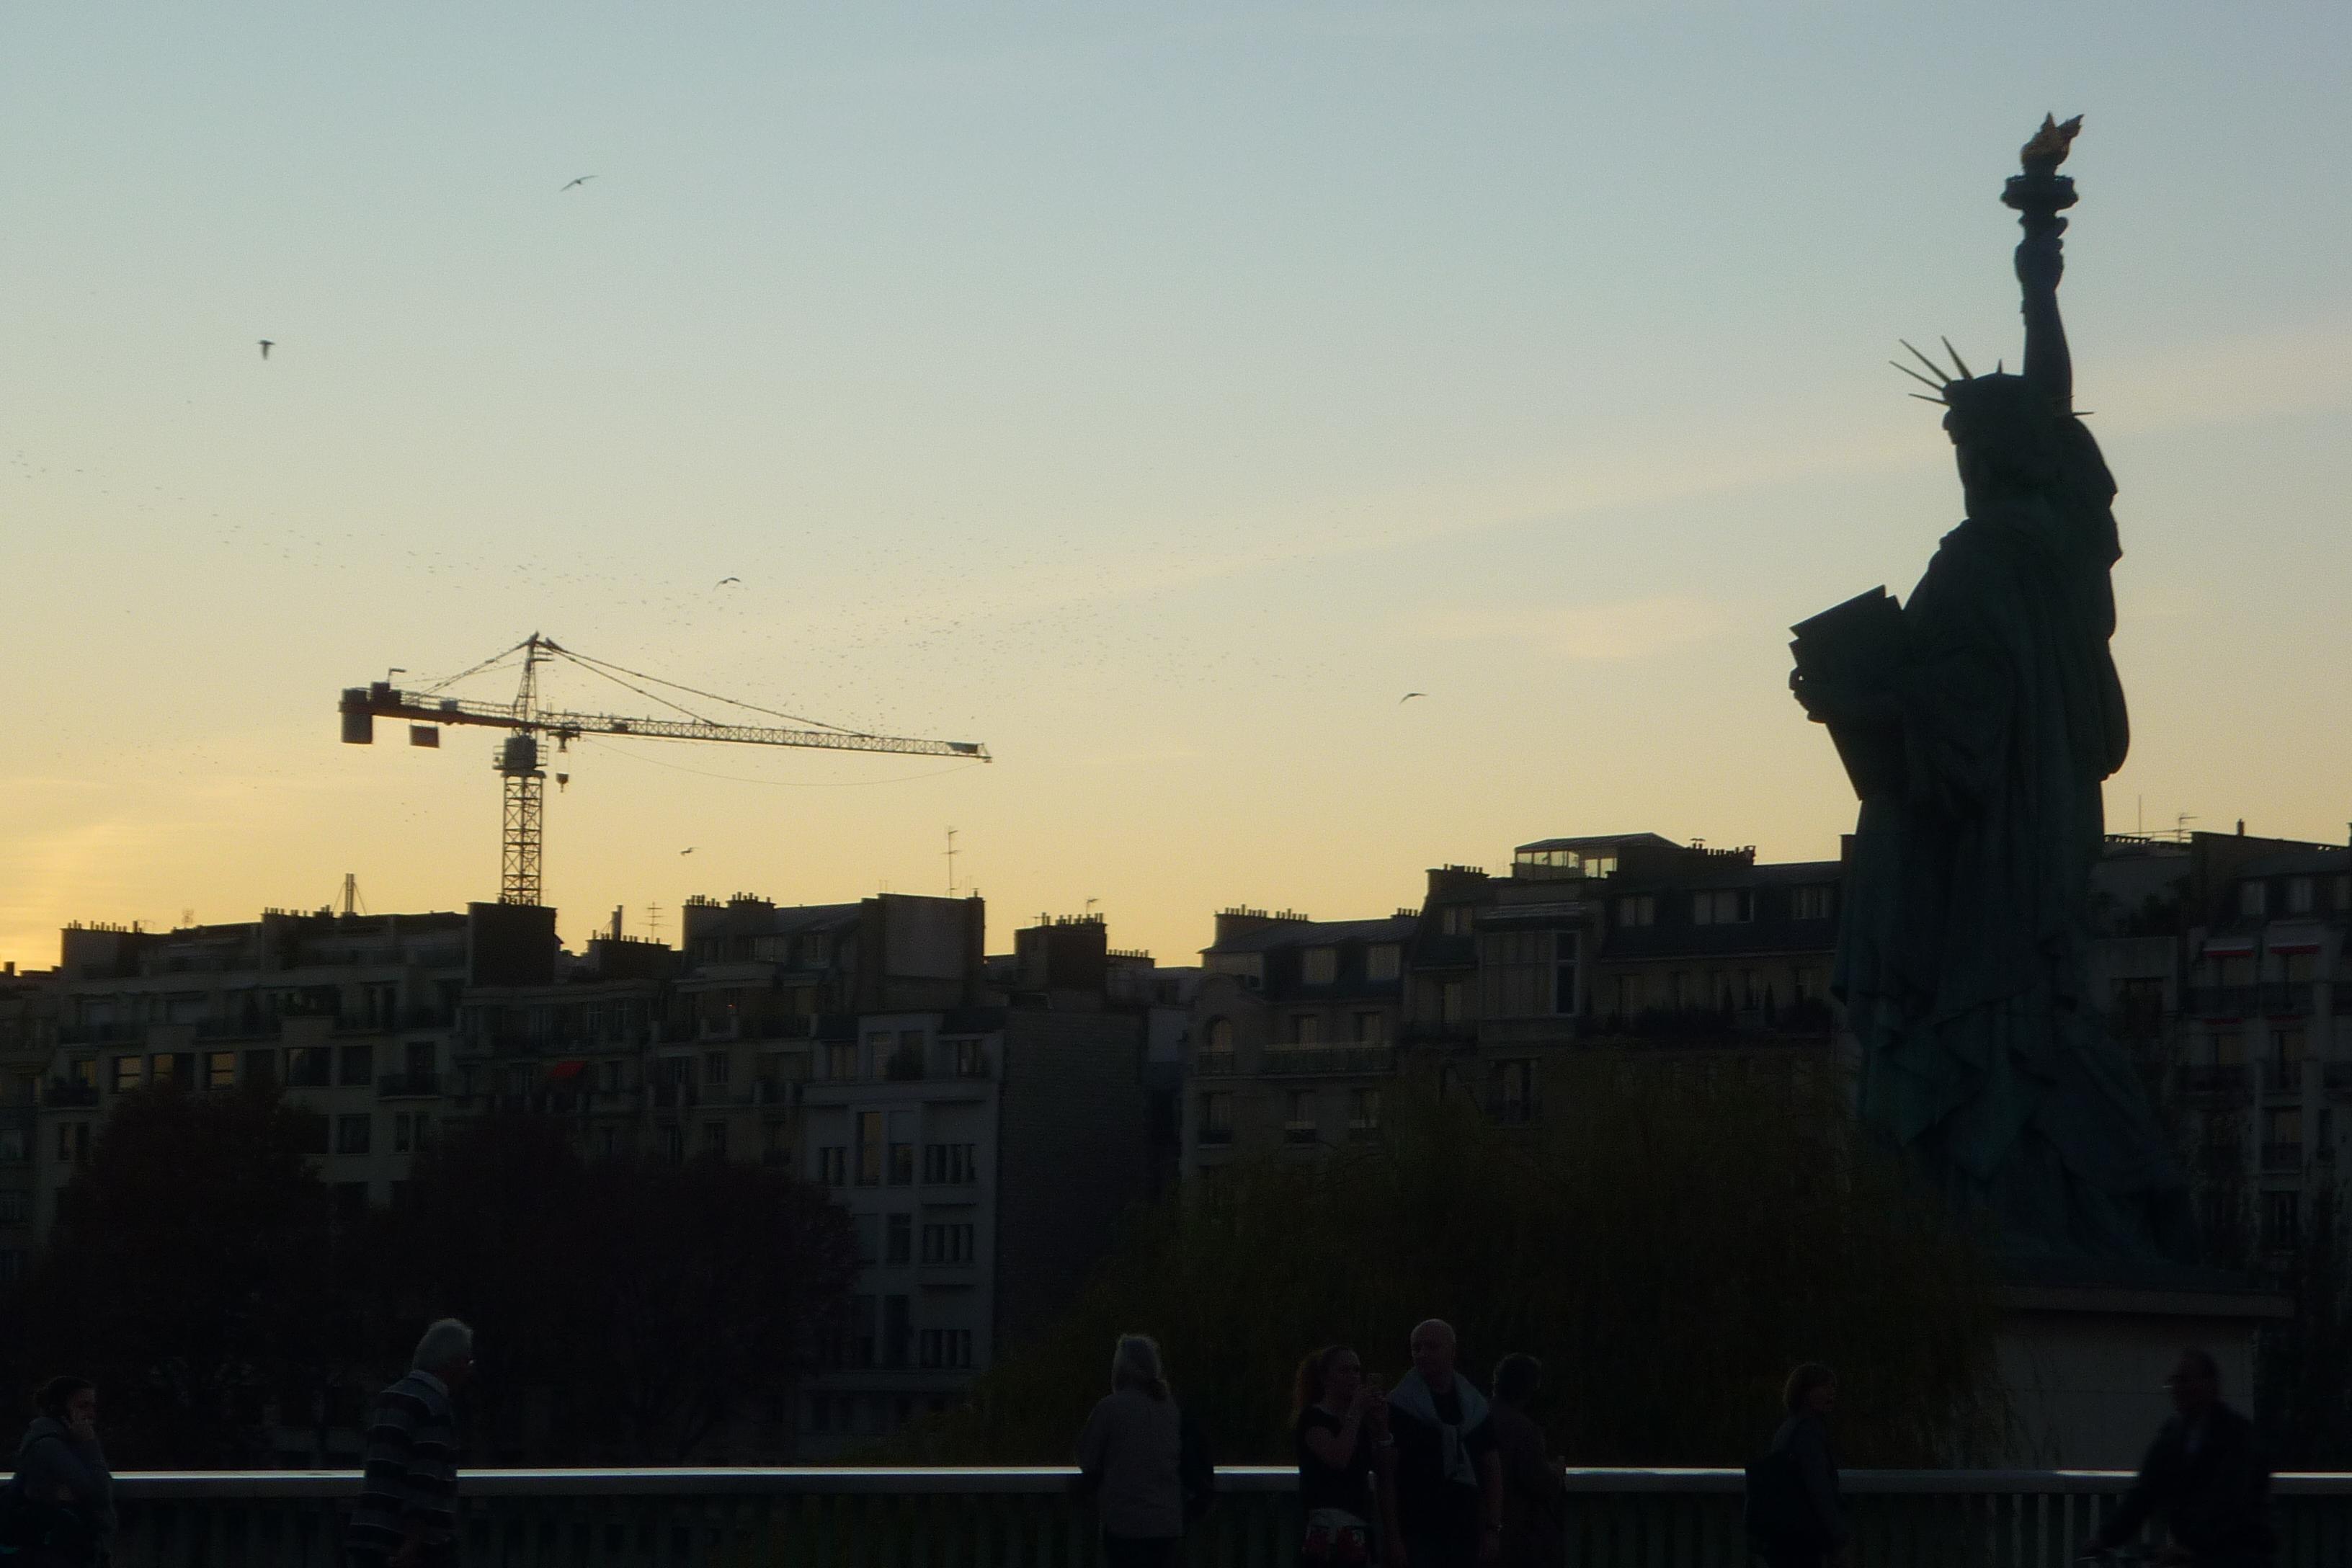 Paris Rive droite, rive  gauche (photo: Domoclick)